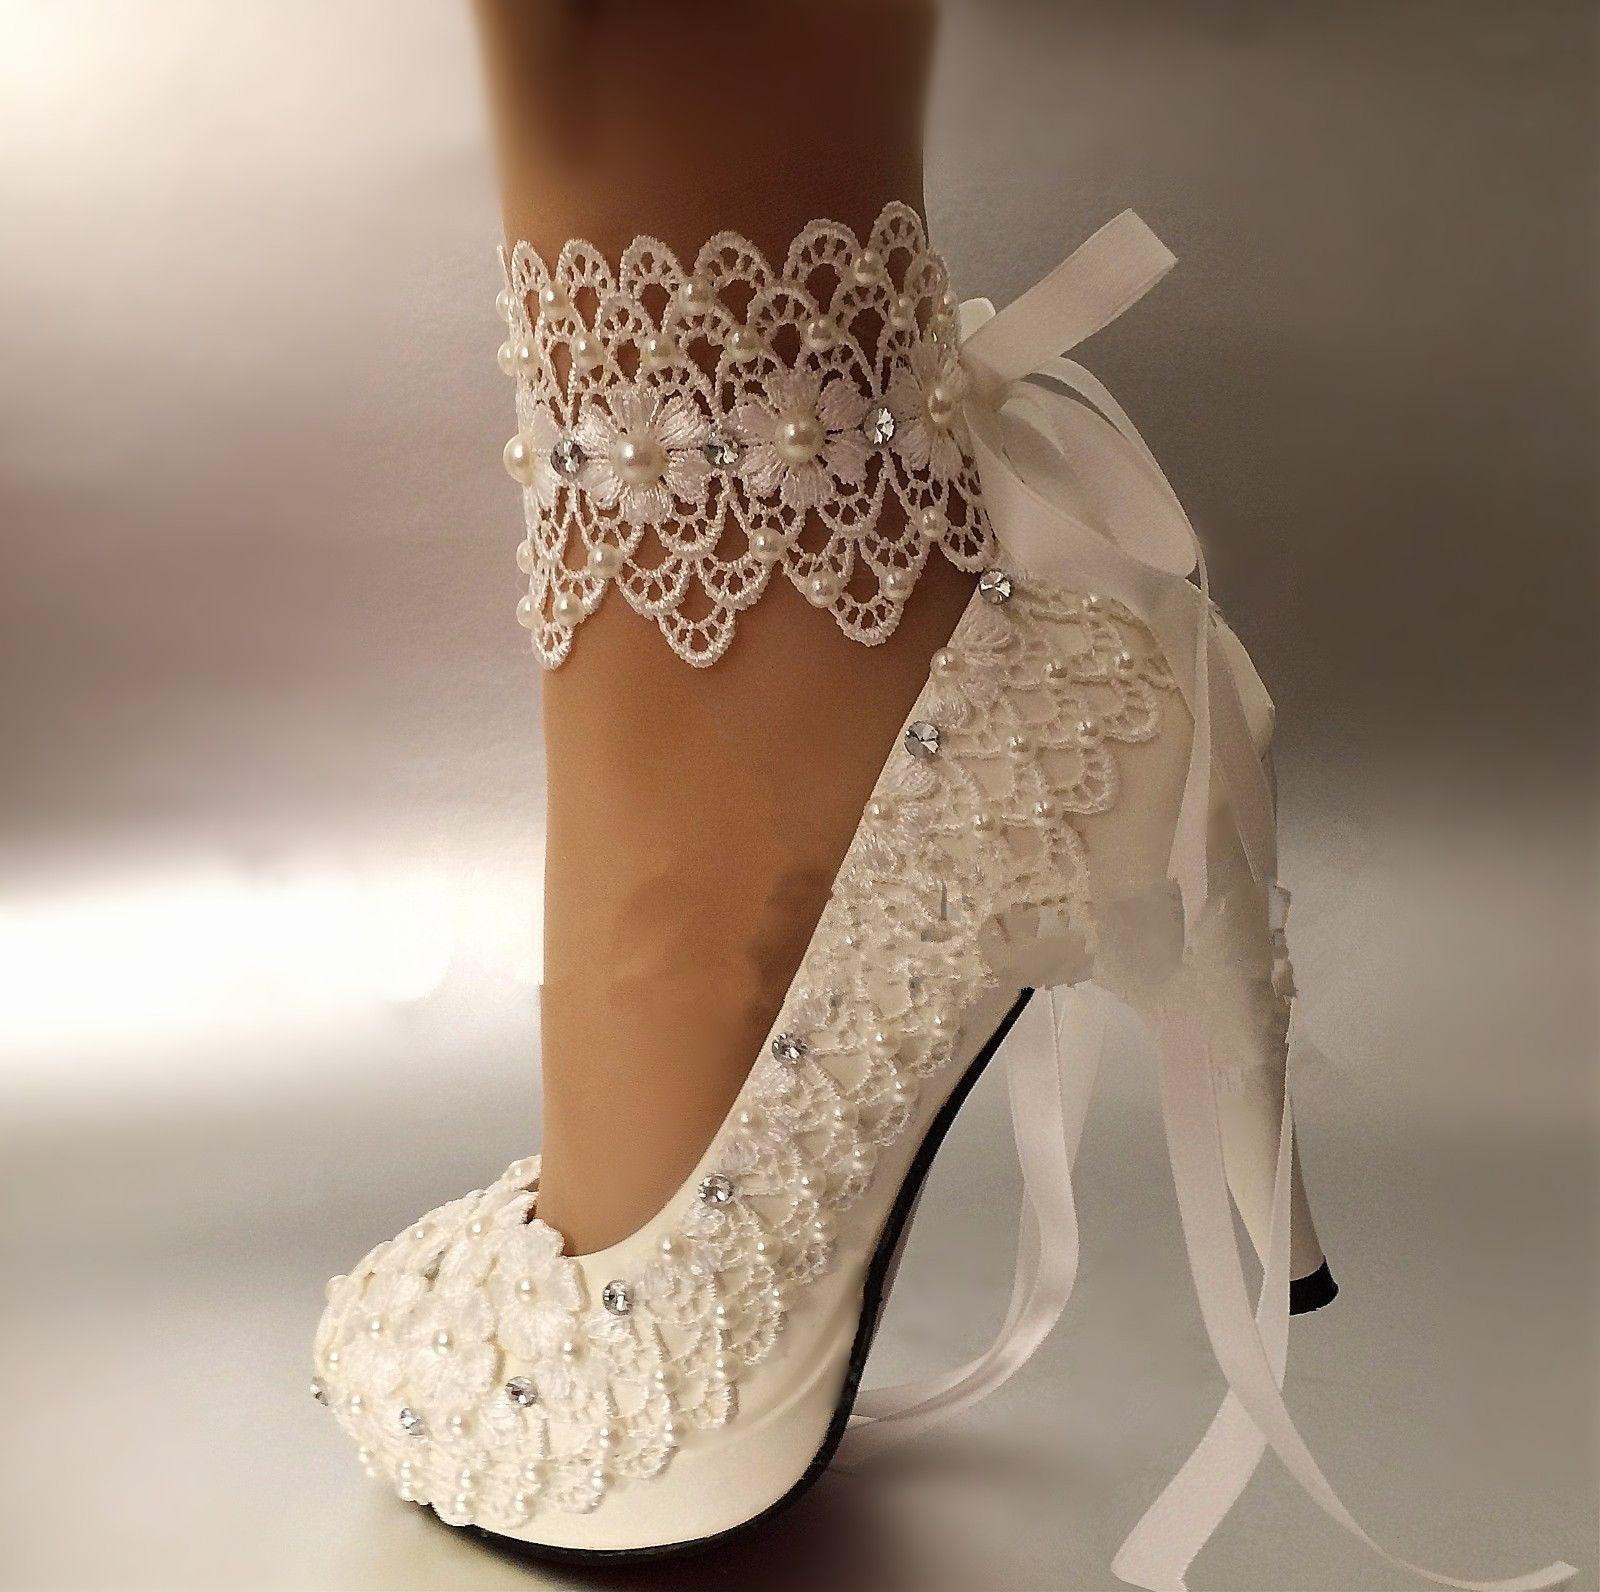 Strap the Lace shoe